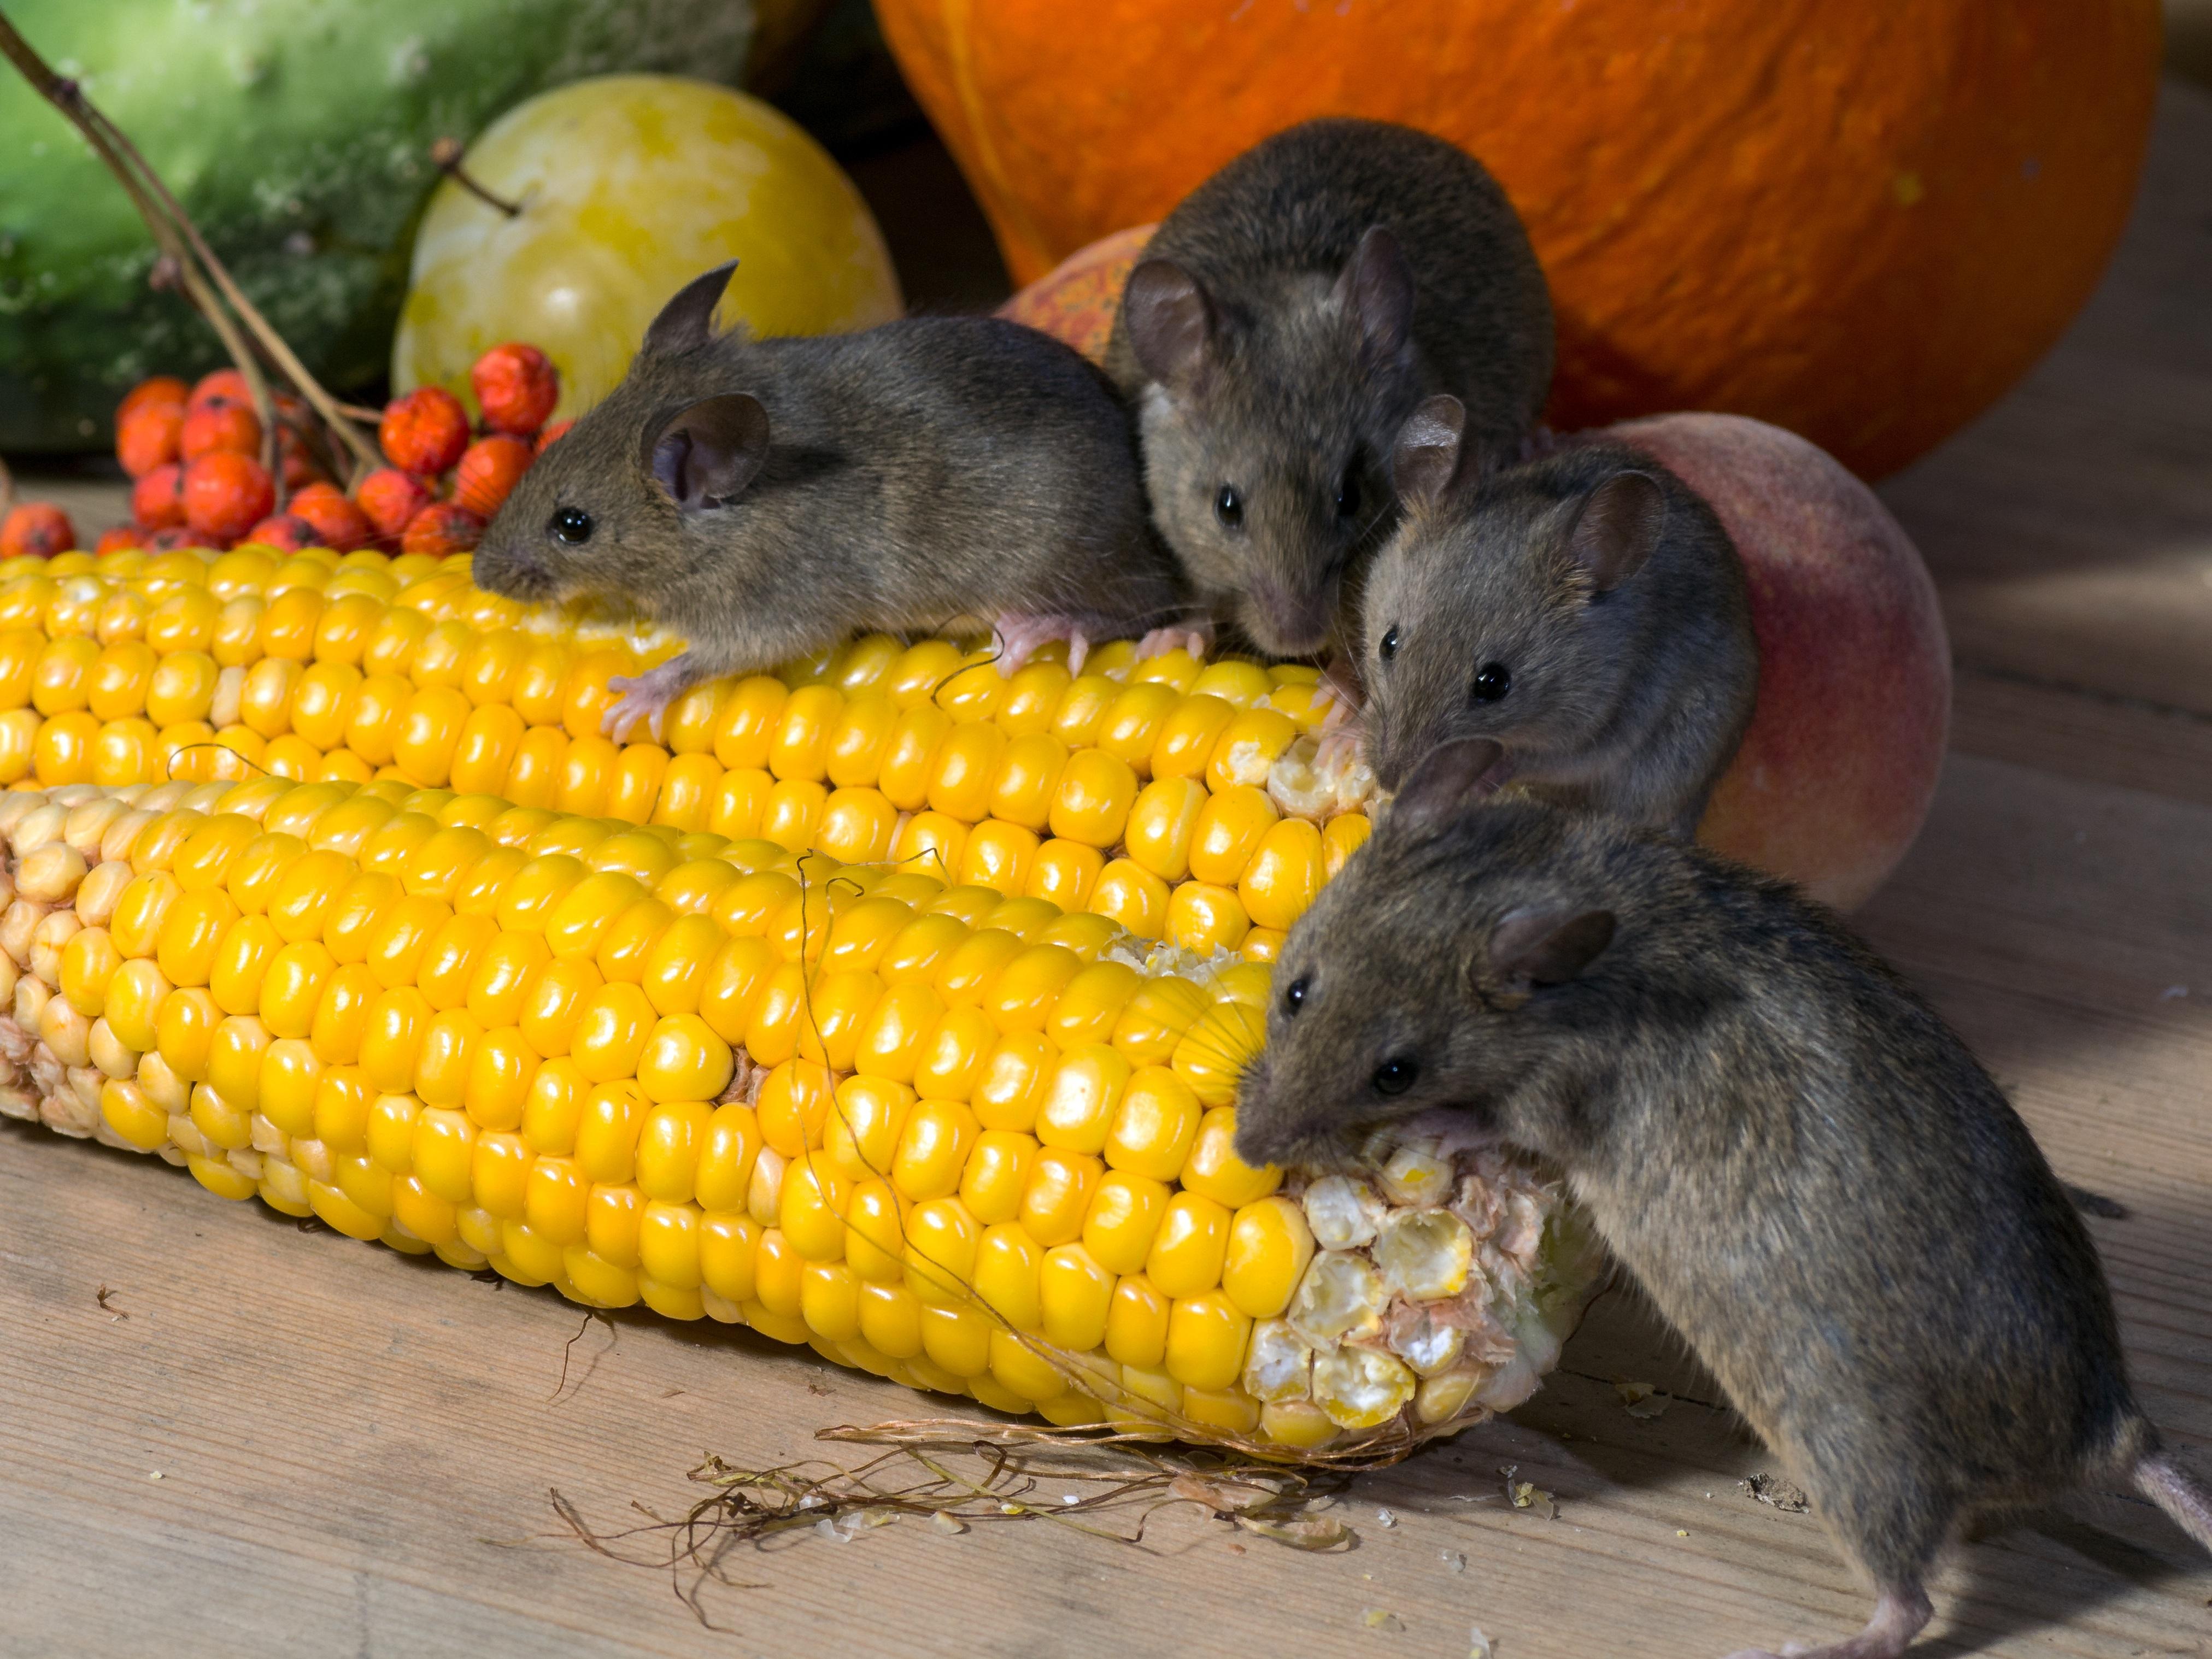 Mäuse sind Gesundheitsschädlinge - Leeser & Will Schädlingsbekämpfung München betreut durch ready4marketing.de